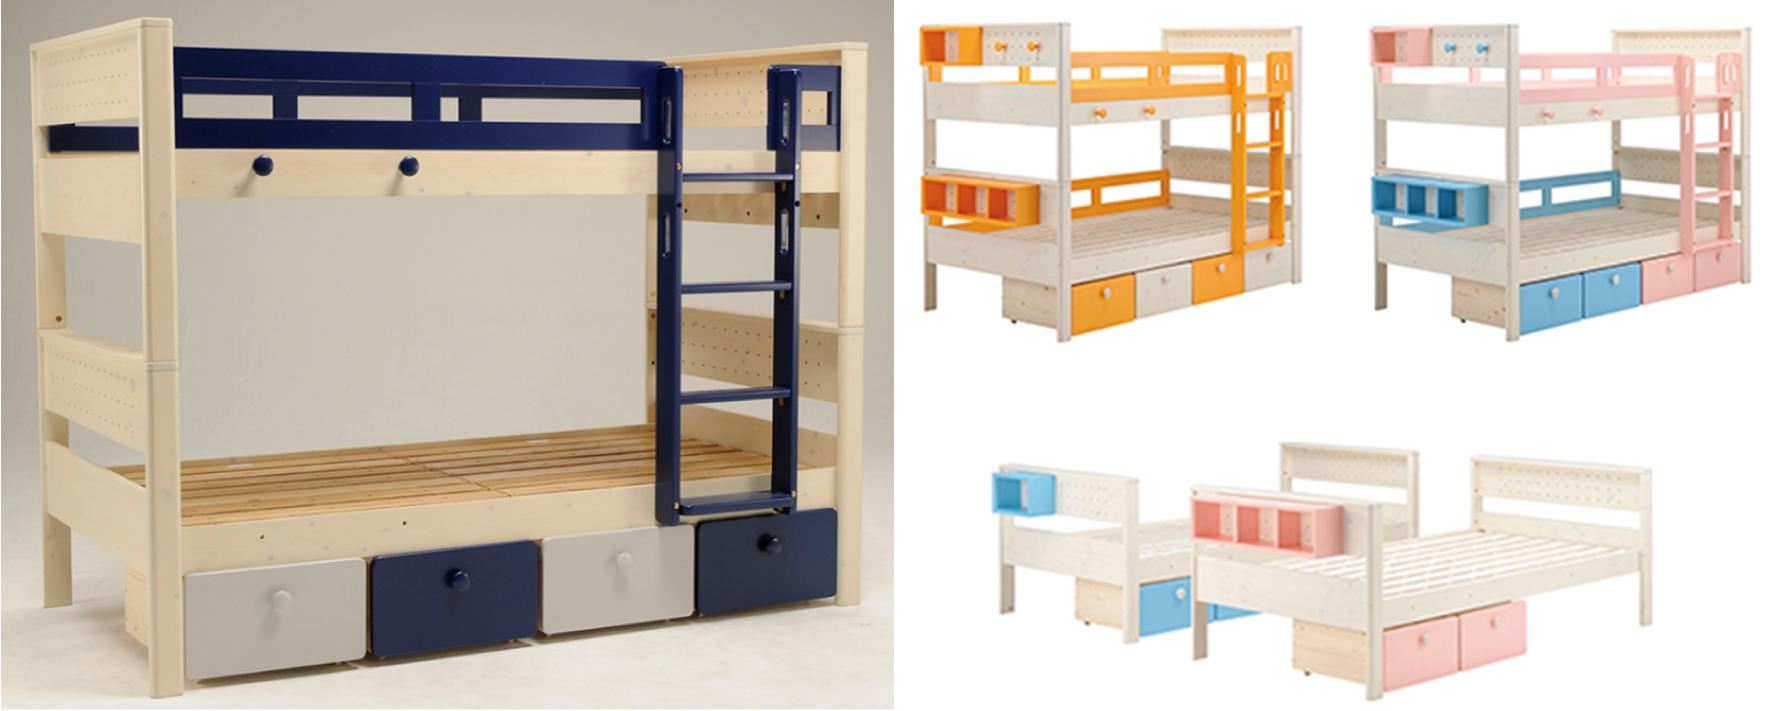 親子で色選びのワクワク体験ができる2段ベッド「ヒュッテ」